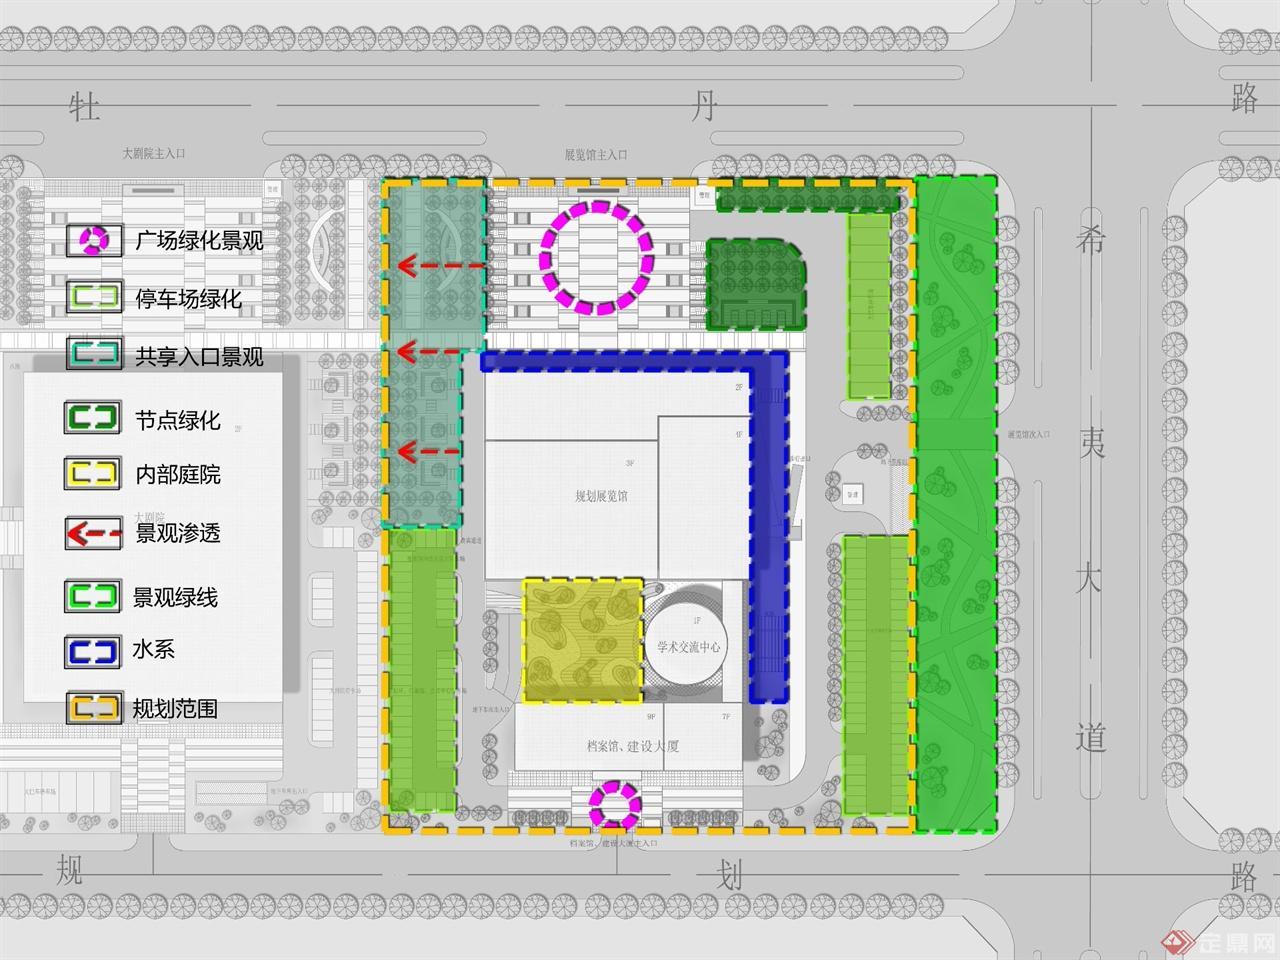 城市展览馆设计图快题展示